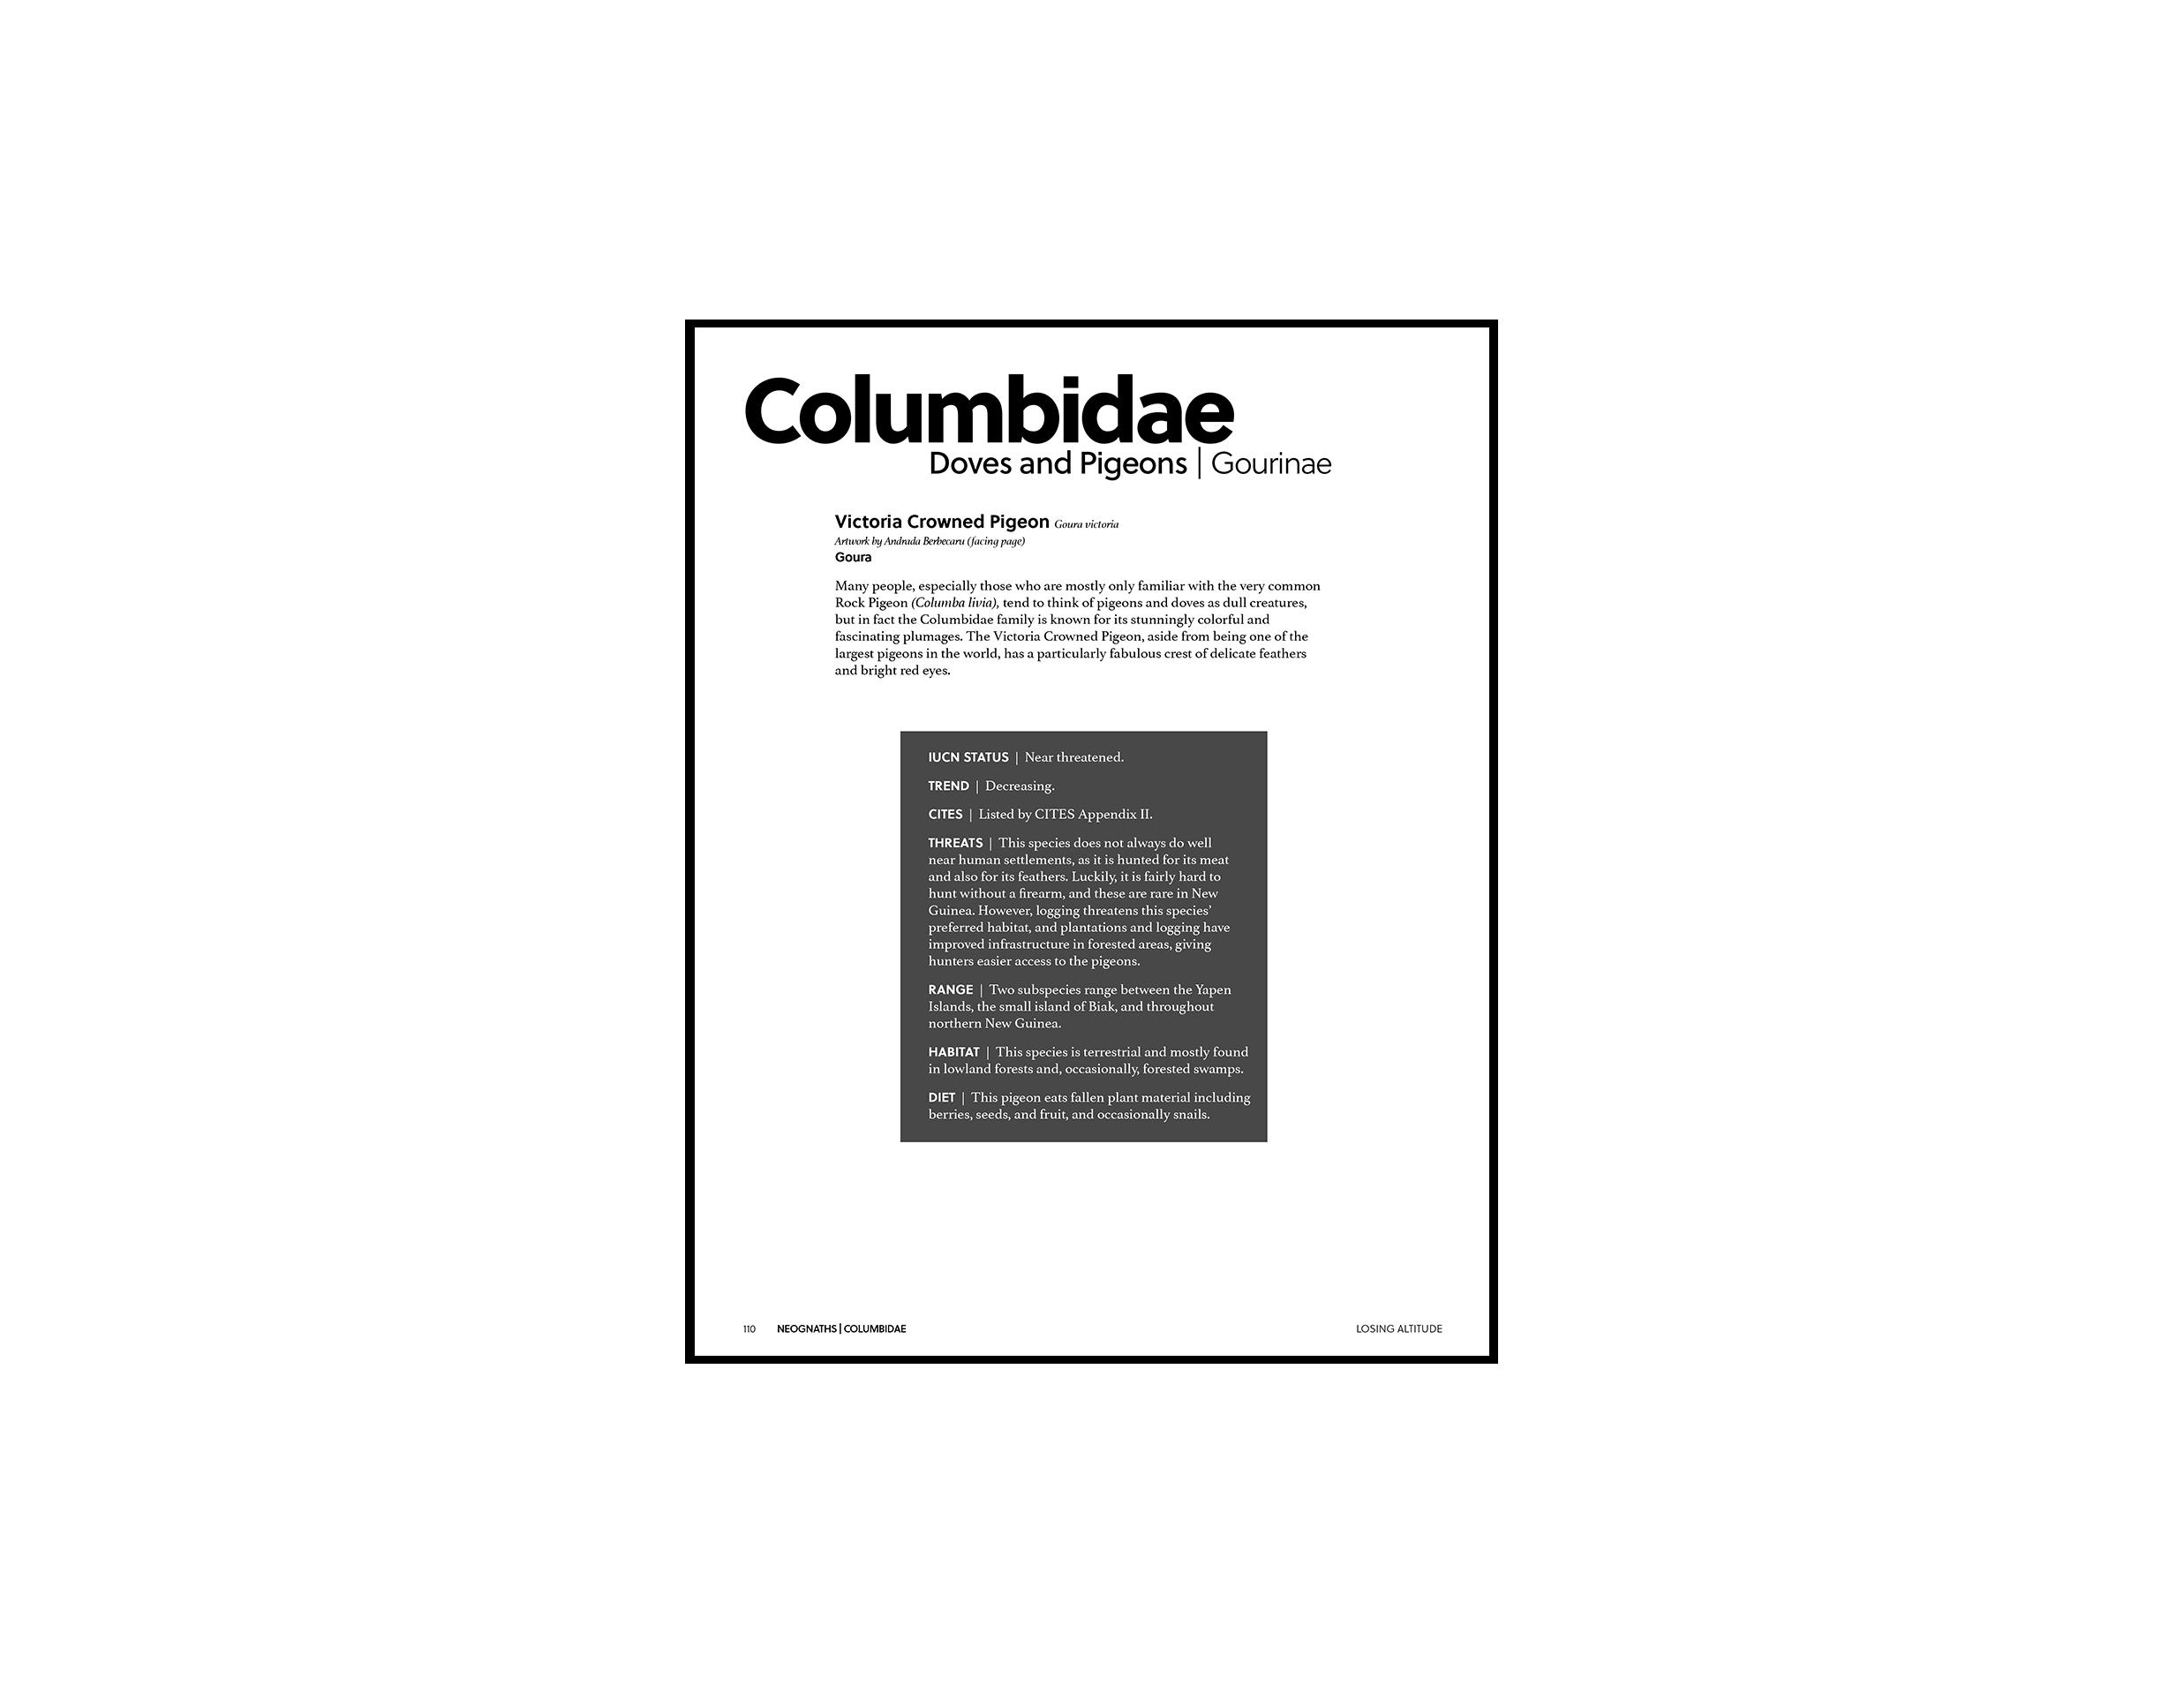 Losing Altitude Page 110